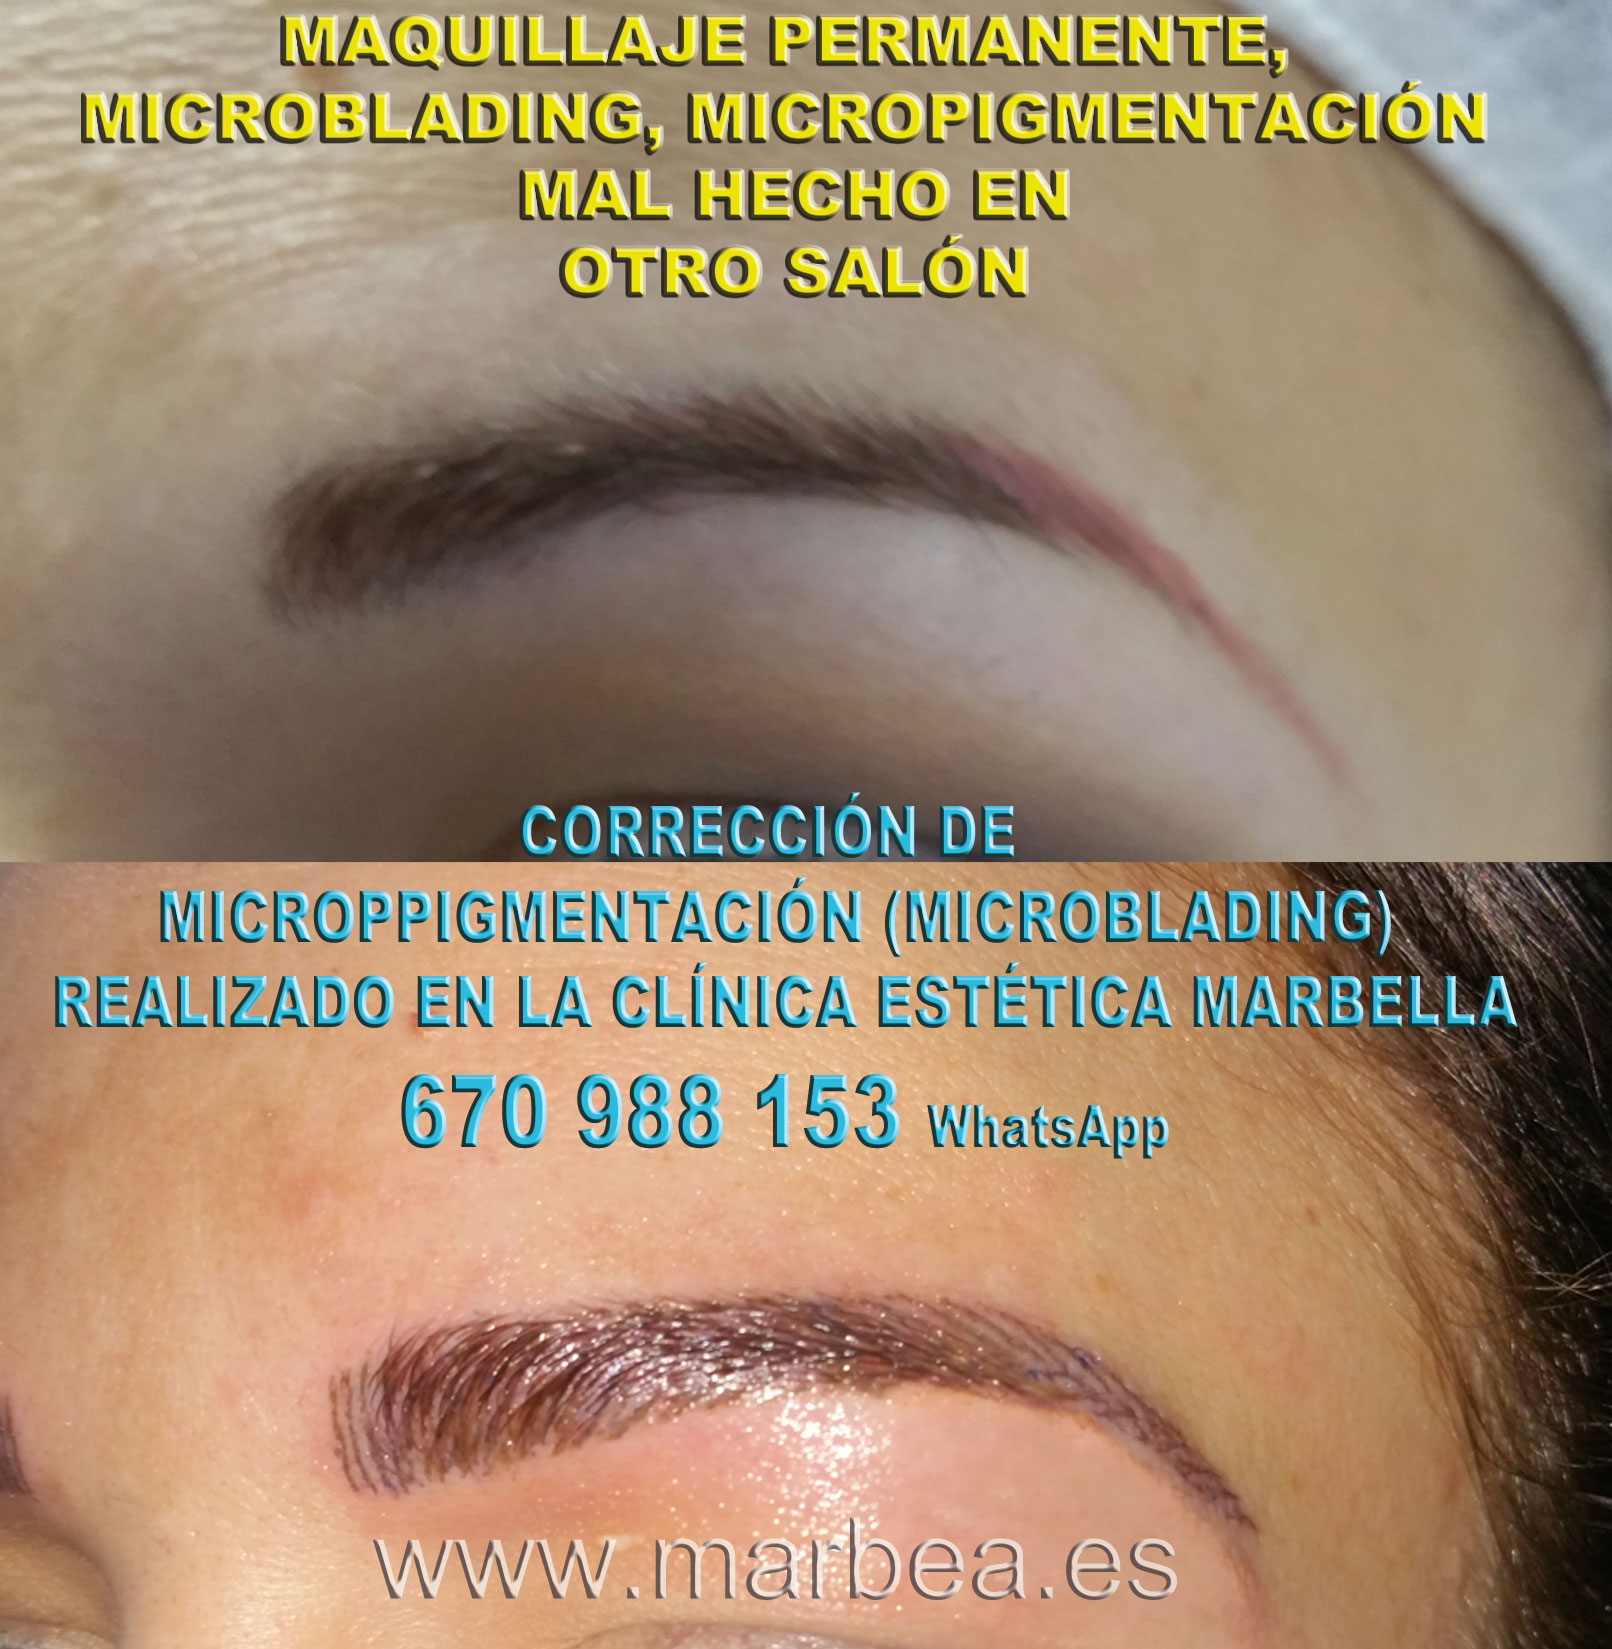 QUITAR TATUAJE CEJAS clínica estética tatuaje propone corrección de micropigmentación en cejas,reparamos microppigmentacion mal hechos